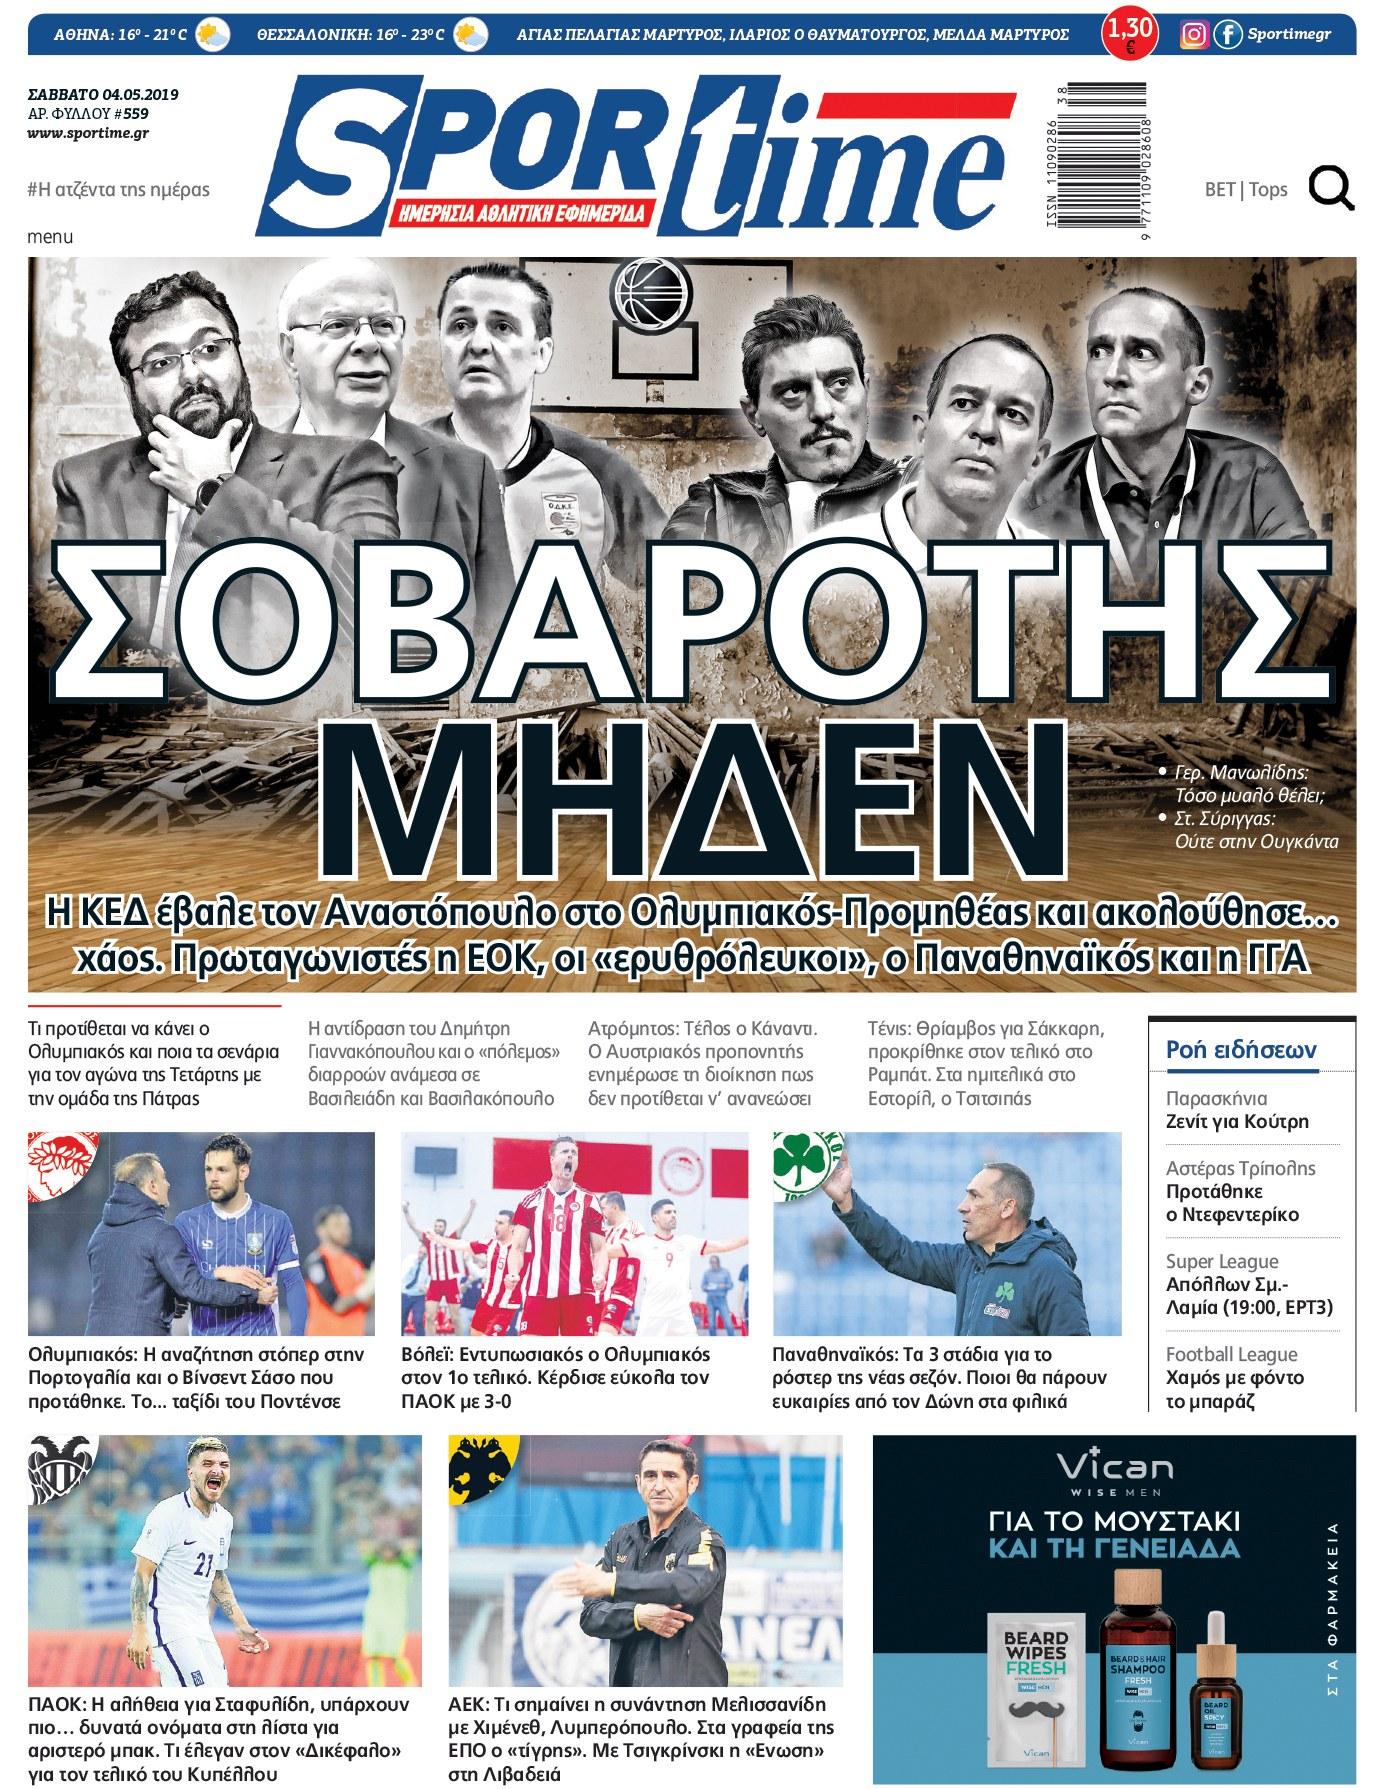 Εφημερίδα SPORTIME - Εξώφυλλο φύλλου 4/5/2019